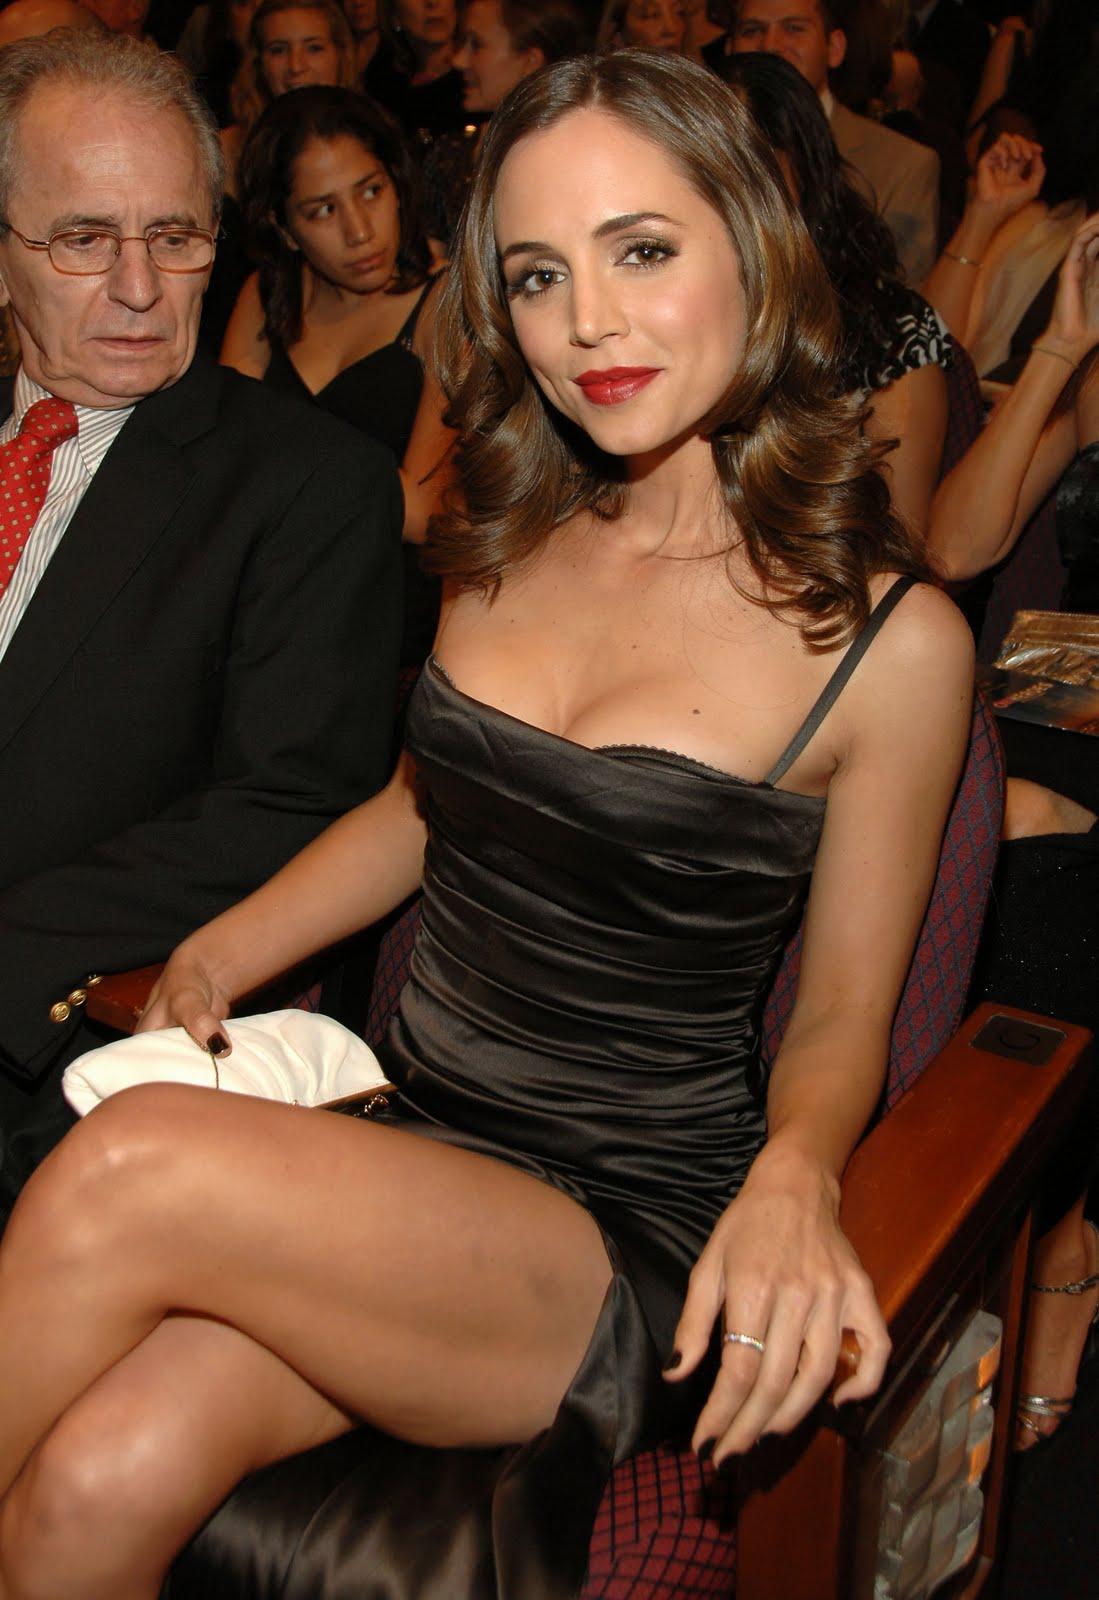 http://4.bp.blogspot.com/_te_-NCYOffc/TFSvD7mGS7I/AAAAAAAACOc/8CTiY_Lr02M/s1600/elisabeth_dashku_legs_2.jpg